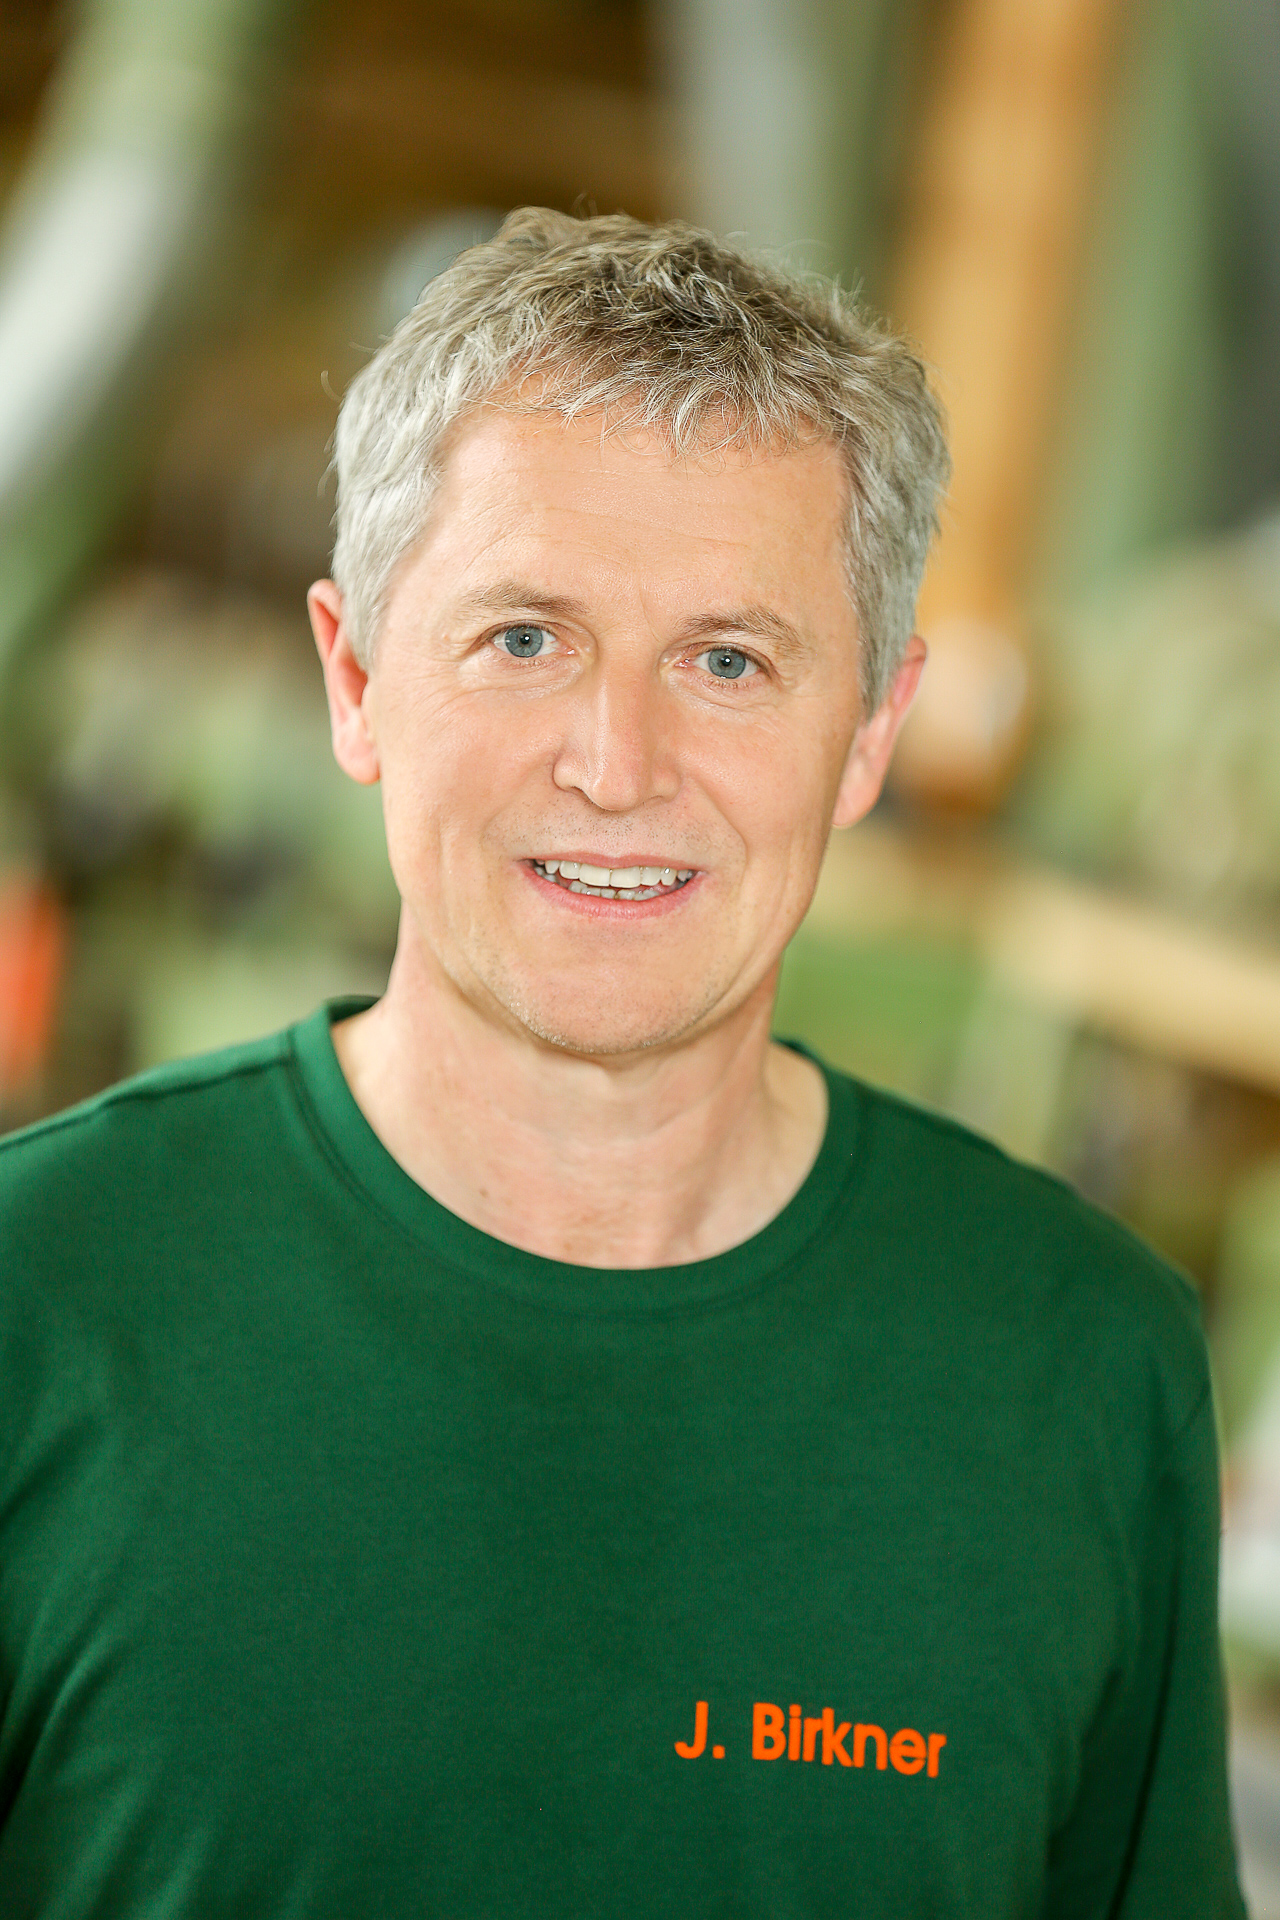 Josef Birkner